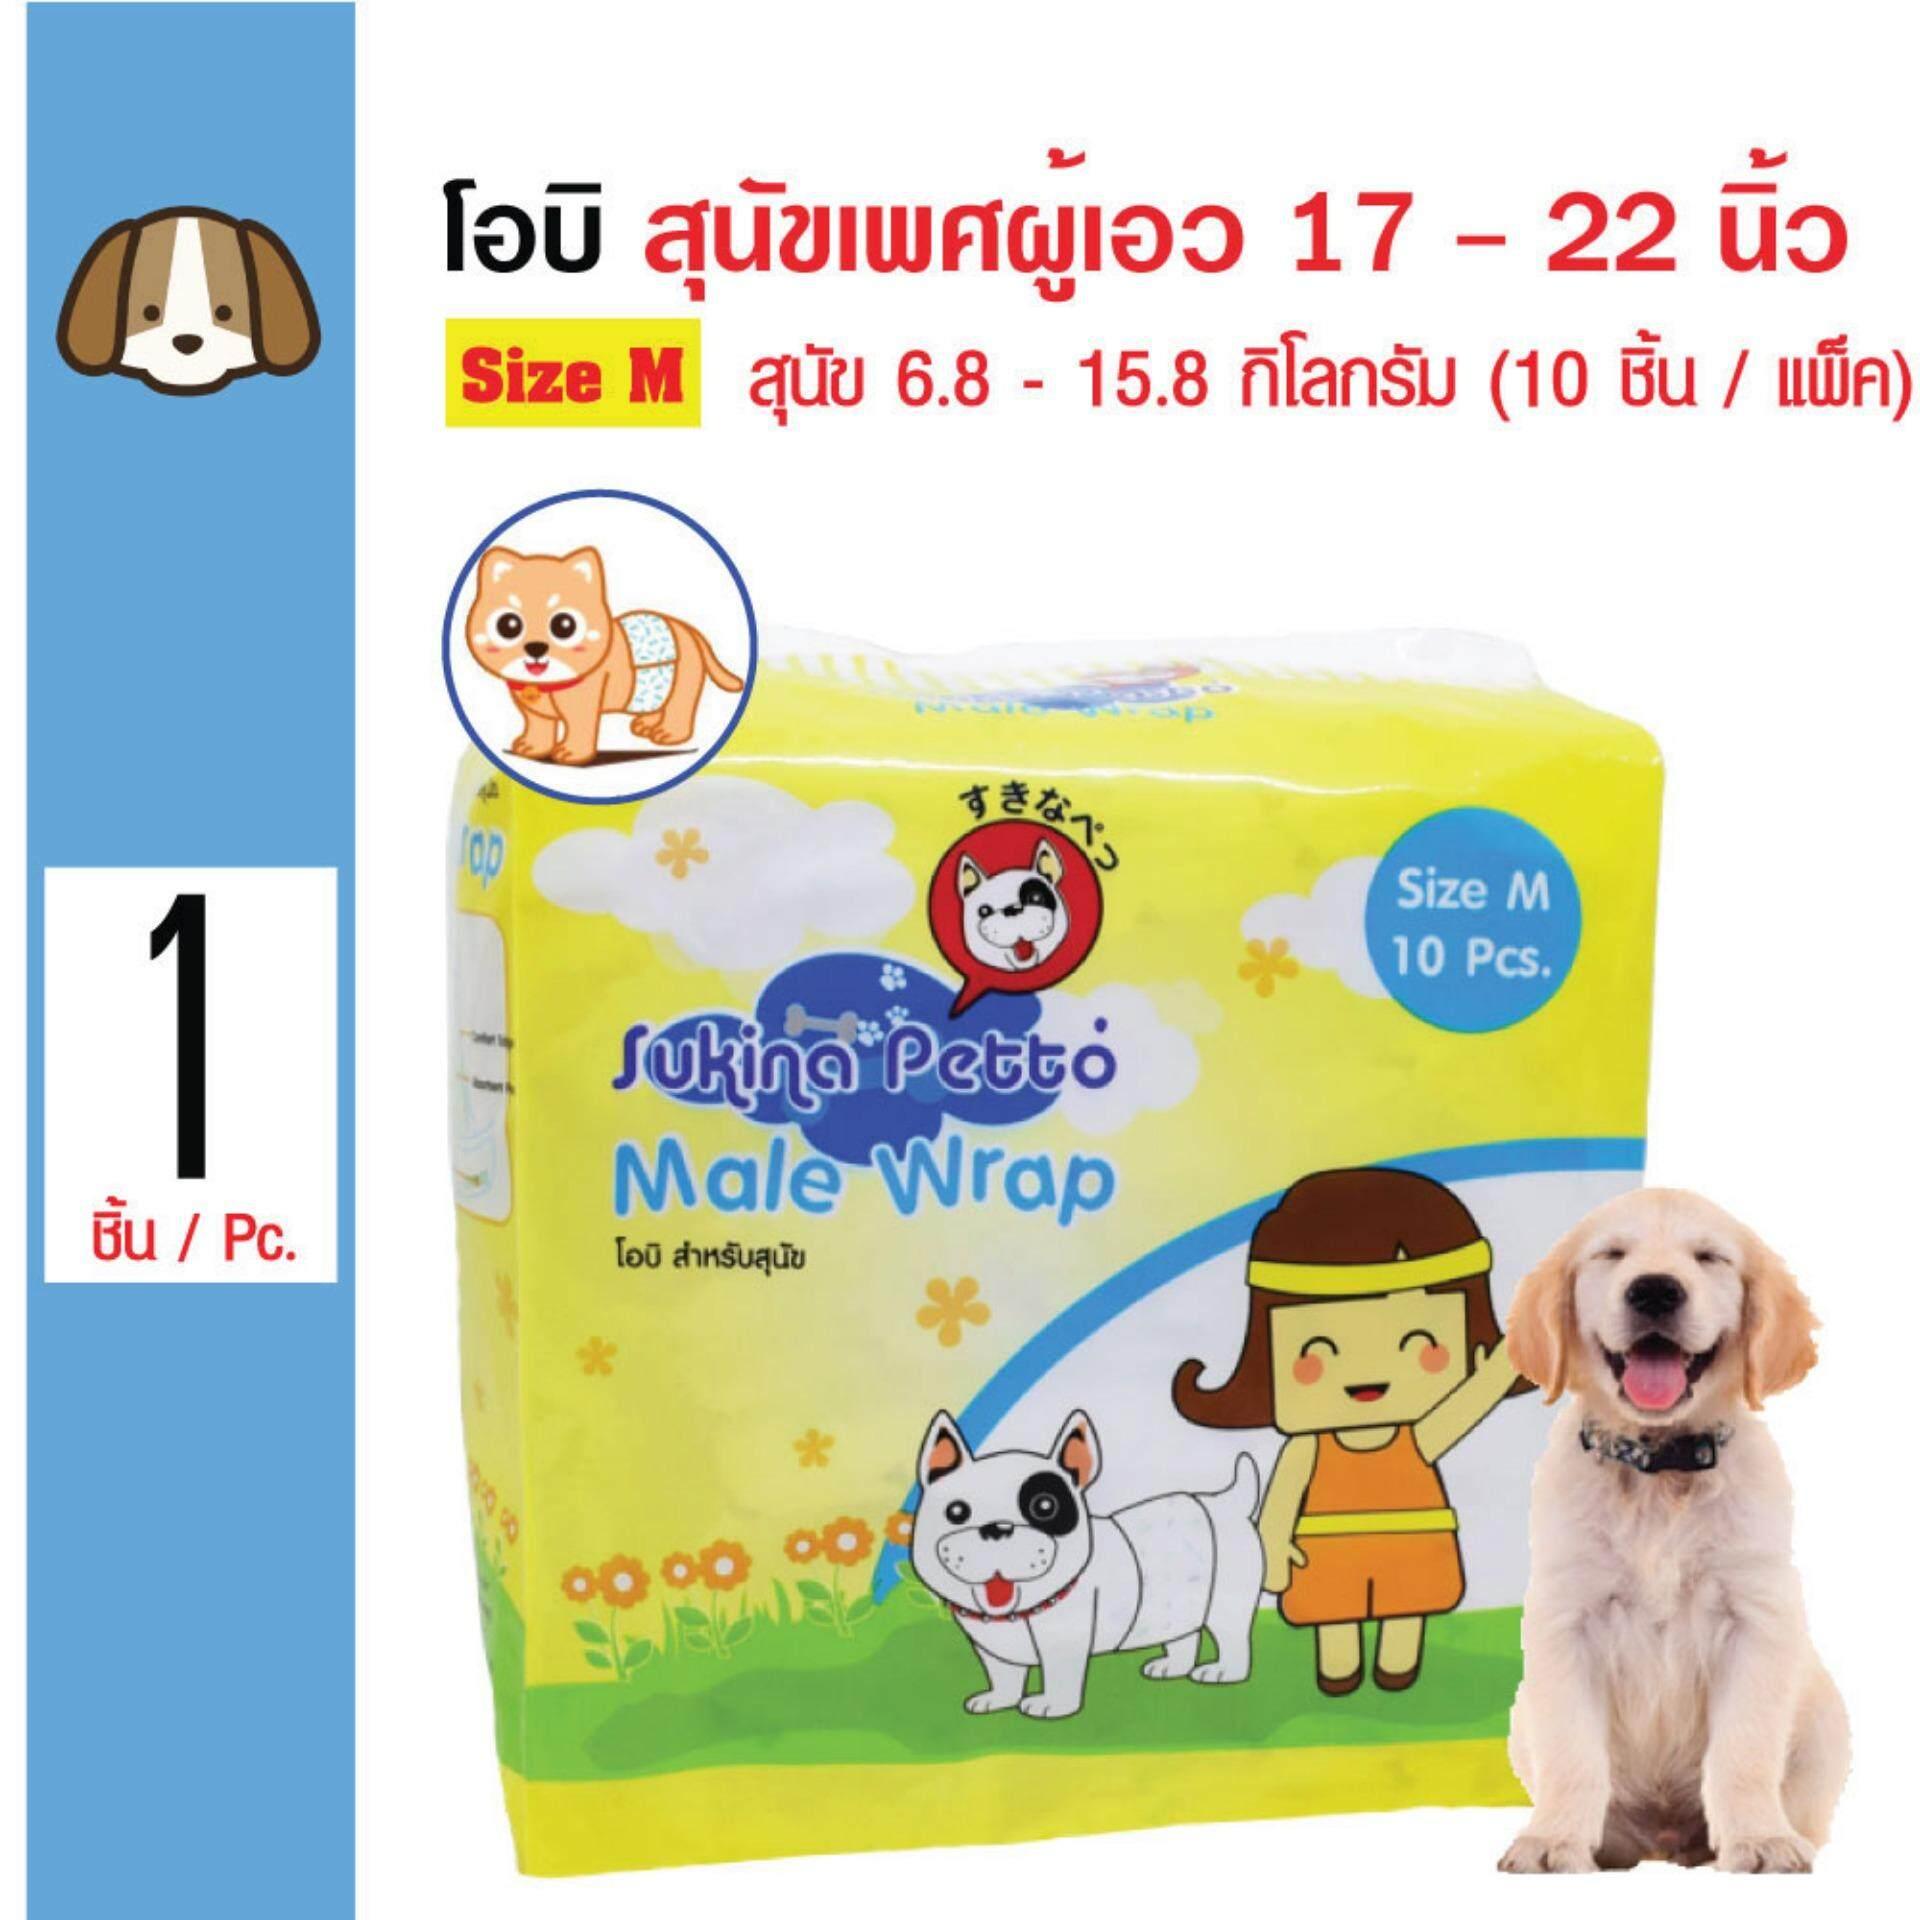 Sukina Petto โอบิผ้าอ้อม โอบิรัดเอว สวมใส่ง่าย เก็บน้ำได้ดี Size M สุนัขเอว 17-22 นิ้ว สำหรับสุนัขเพศผู้น้ำหนัก 6.8-15.8 กิโลกรัม (10 ชิ้น/ แพ็ค)